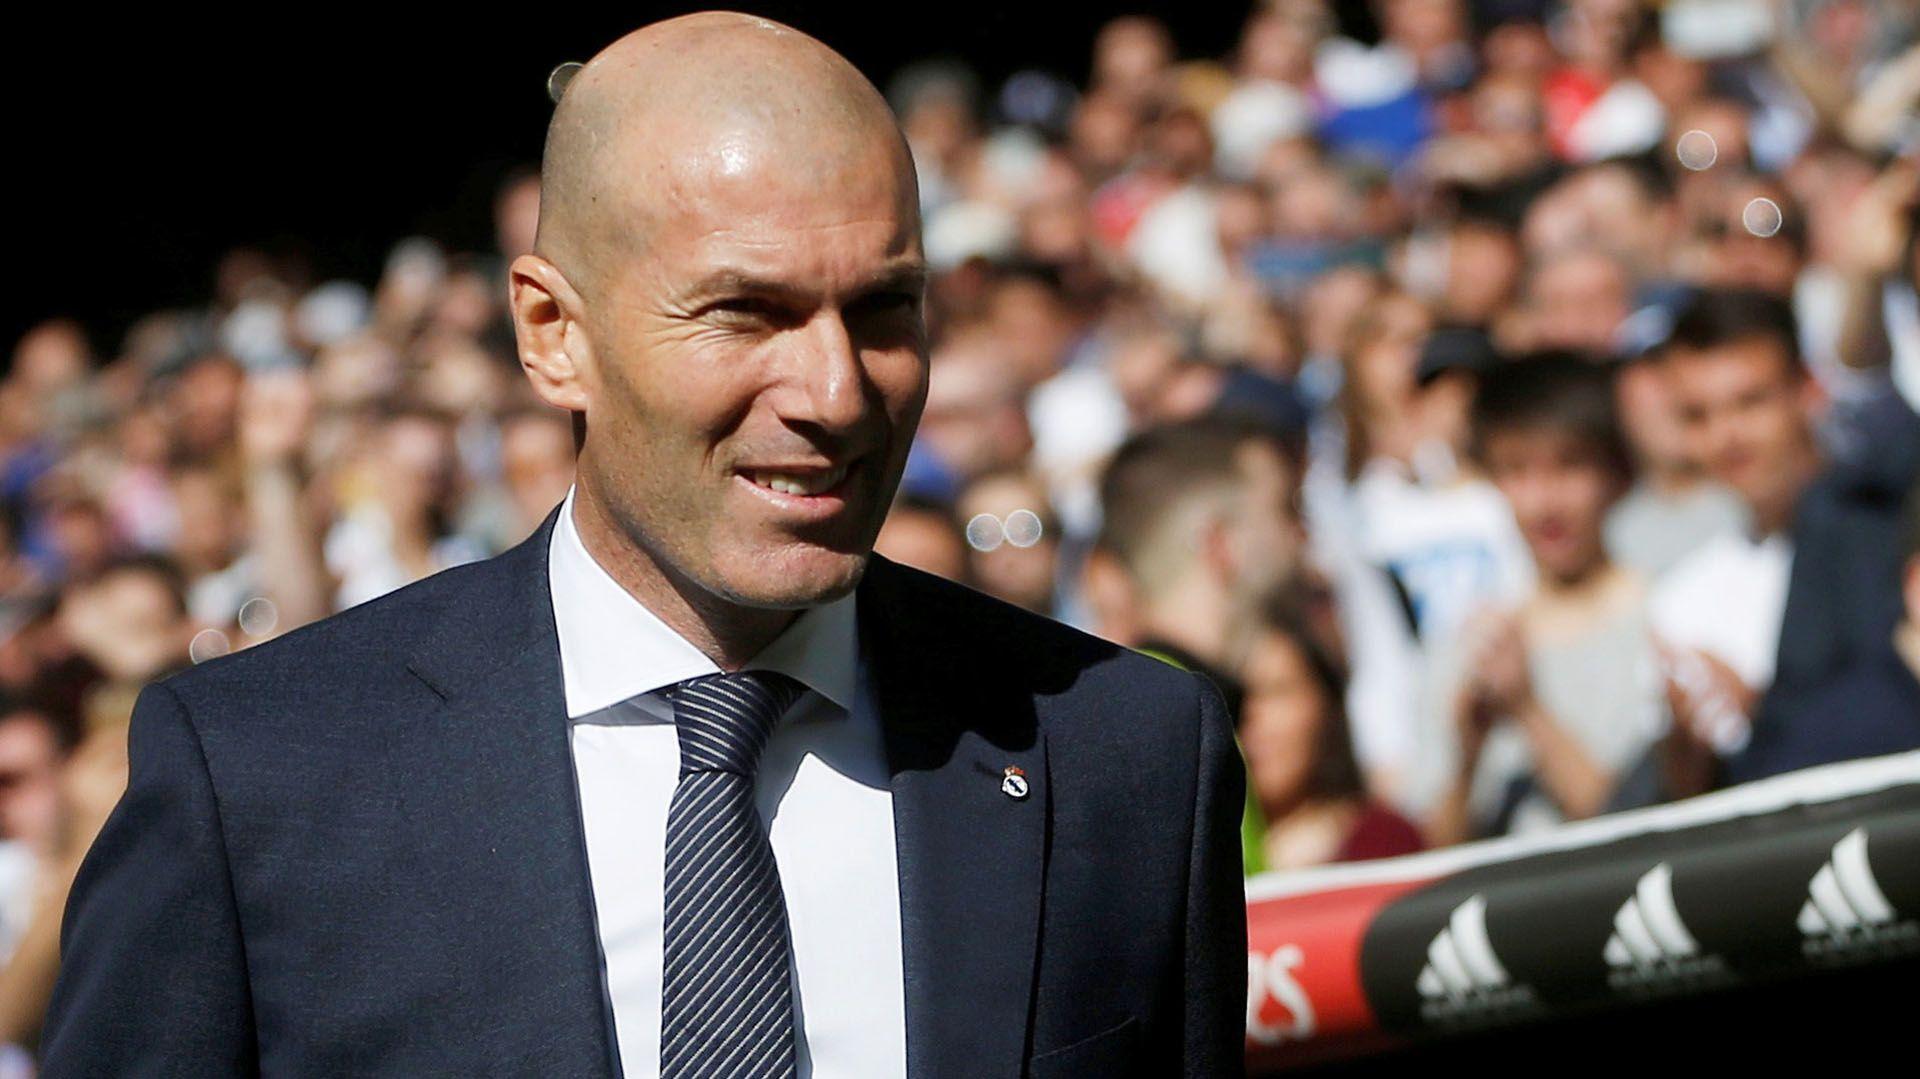 Zinedine Zidane Reveló A Qué Estrella Mundial Traería Para El Real Madrid Zinedine Zidane Real Madrid Zidane